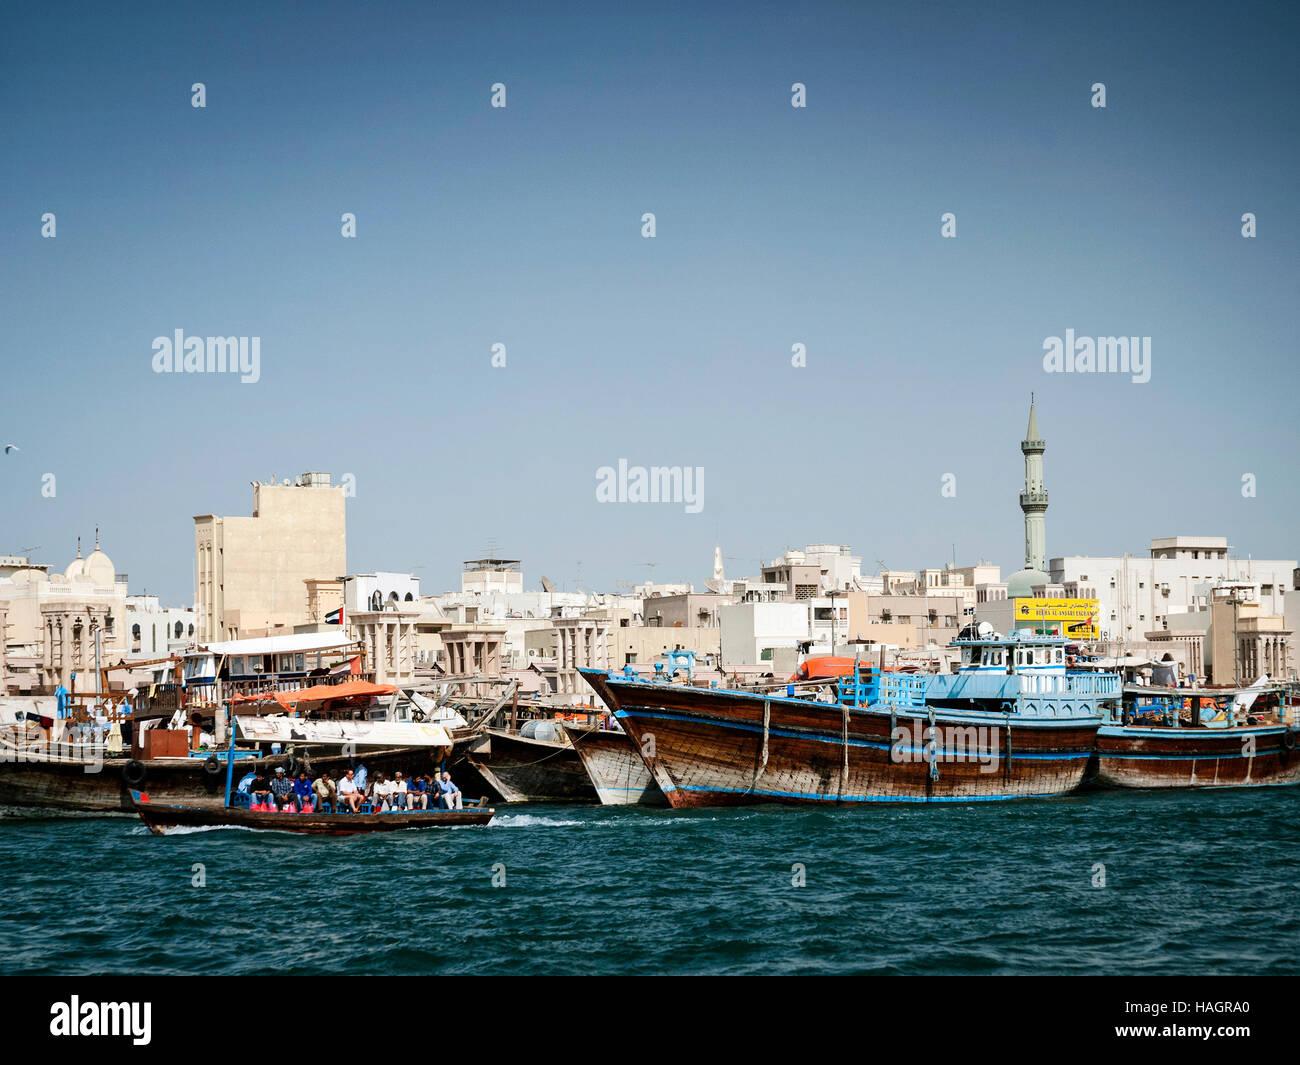 traditionellen alten arabischen Dhau Holz Boote im Hafen von Deira Dubai Hafen Vereinigte Arabische Emirate Stockbild